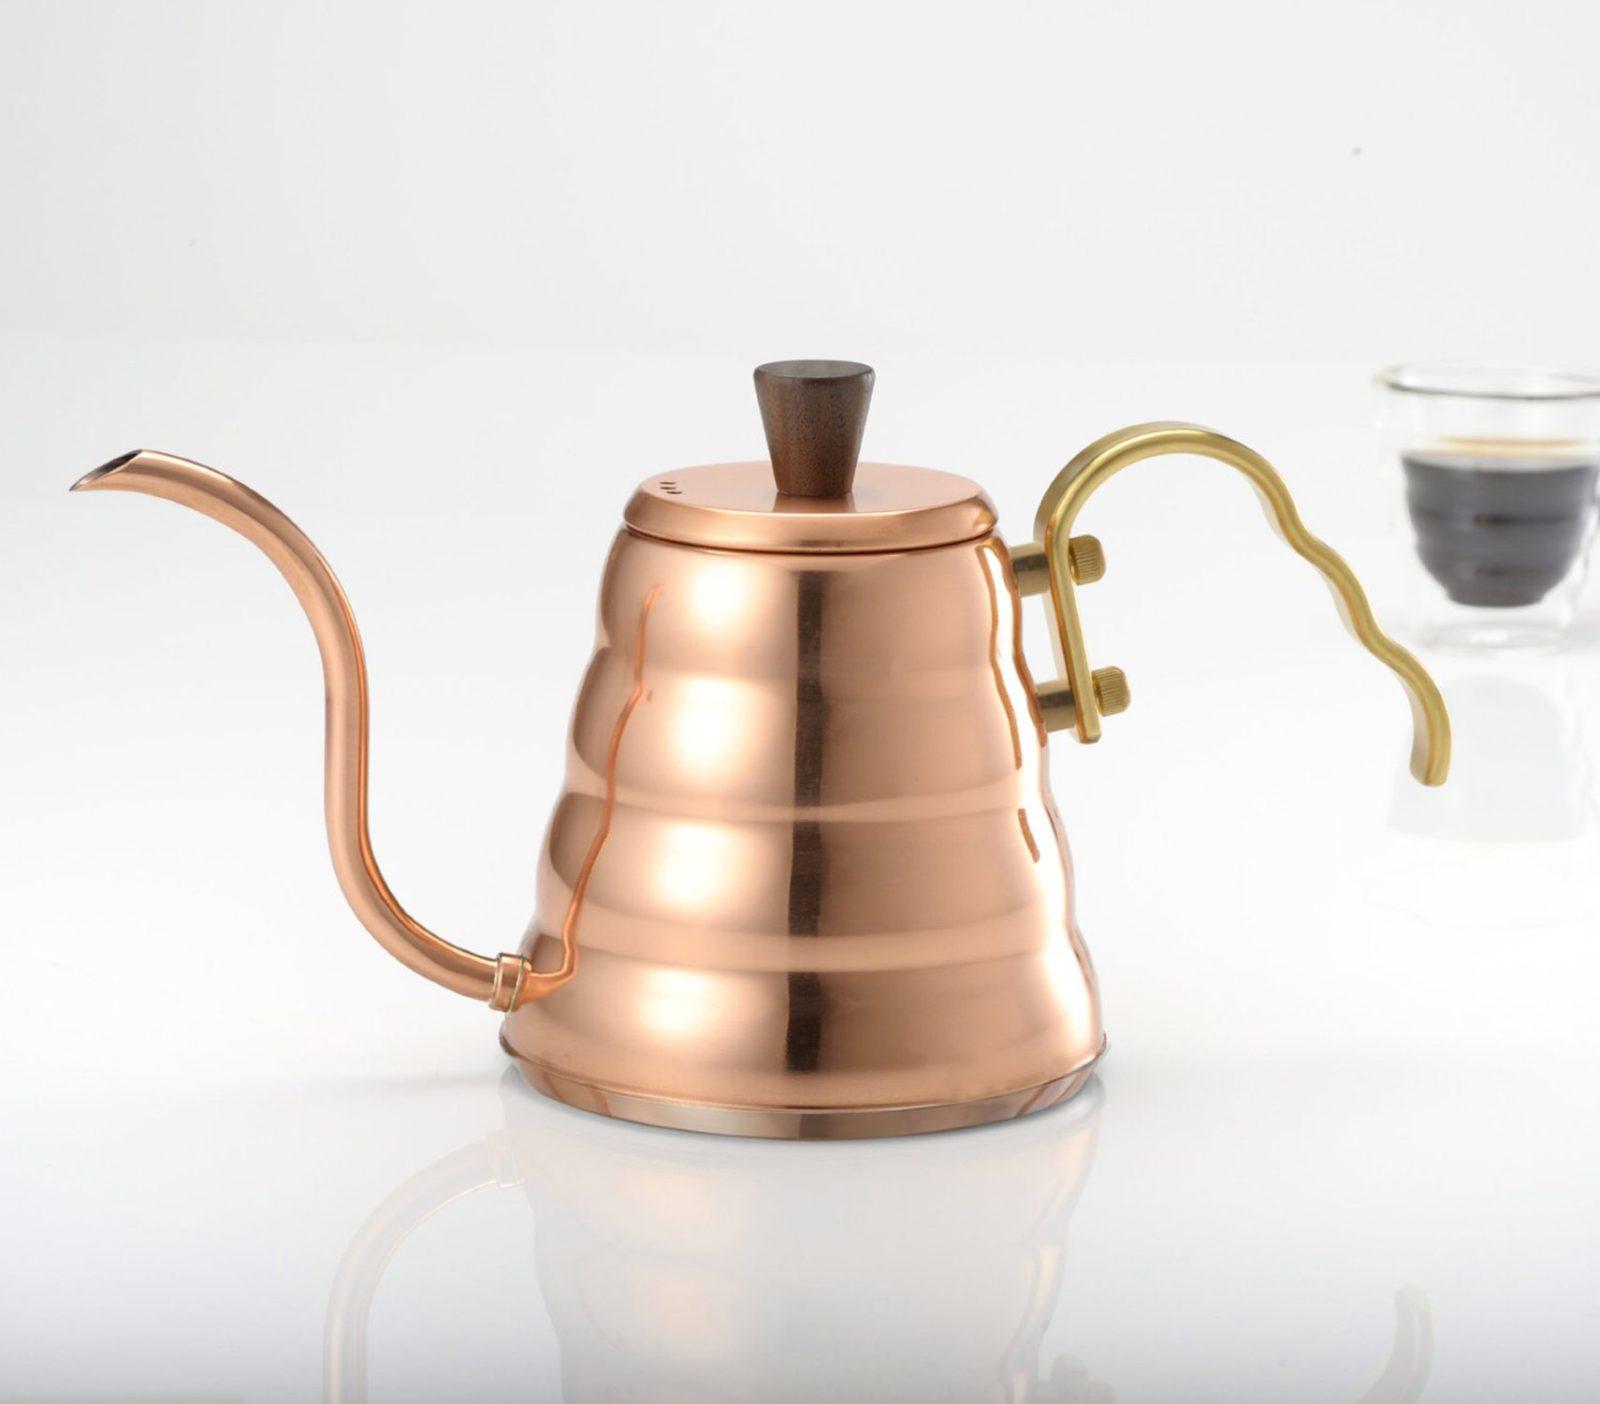 Hario Buono Coffee Drip V60 Kettle, Copper-28391